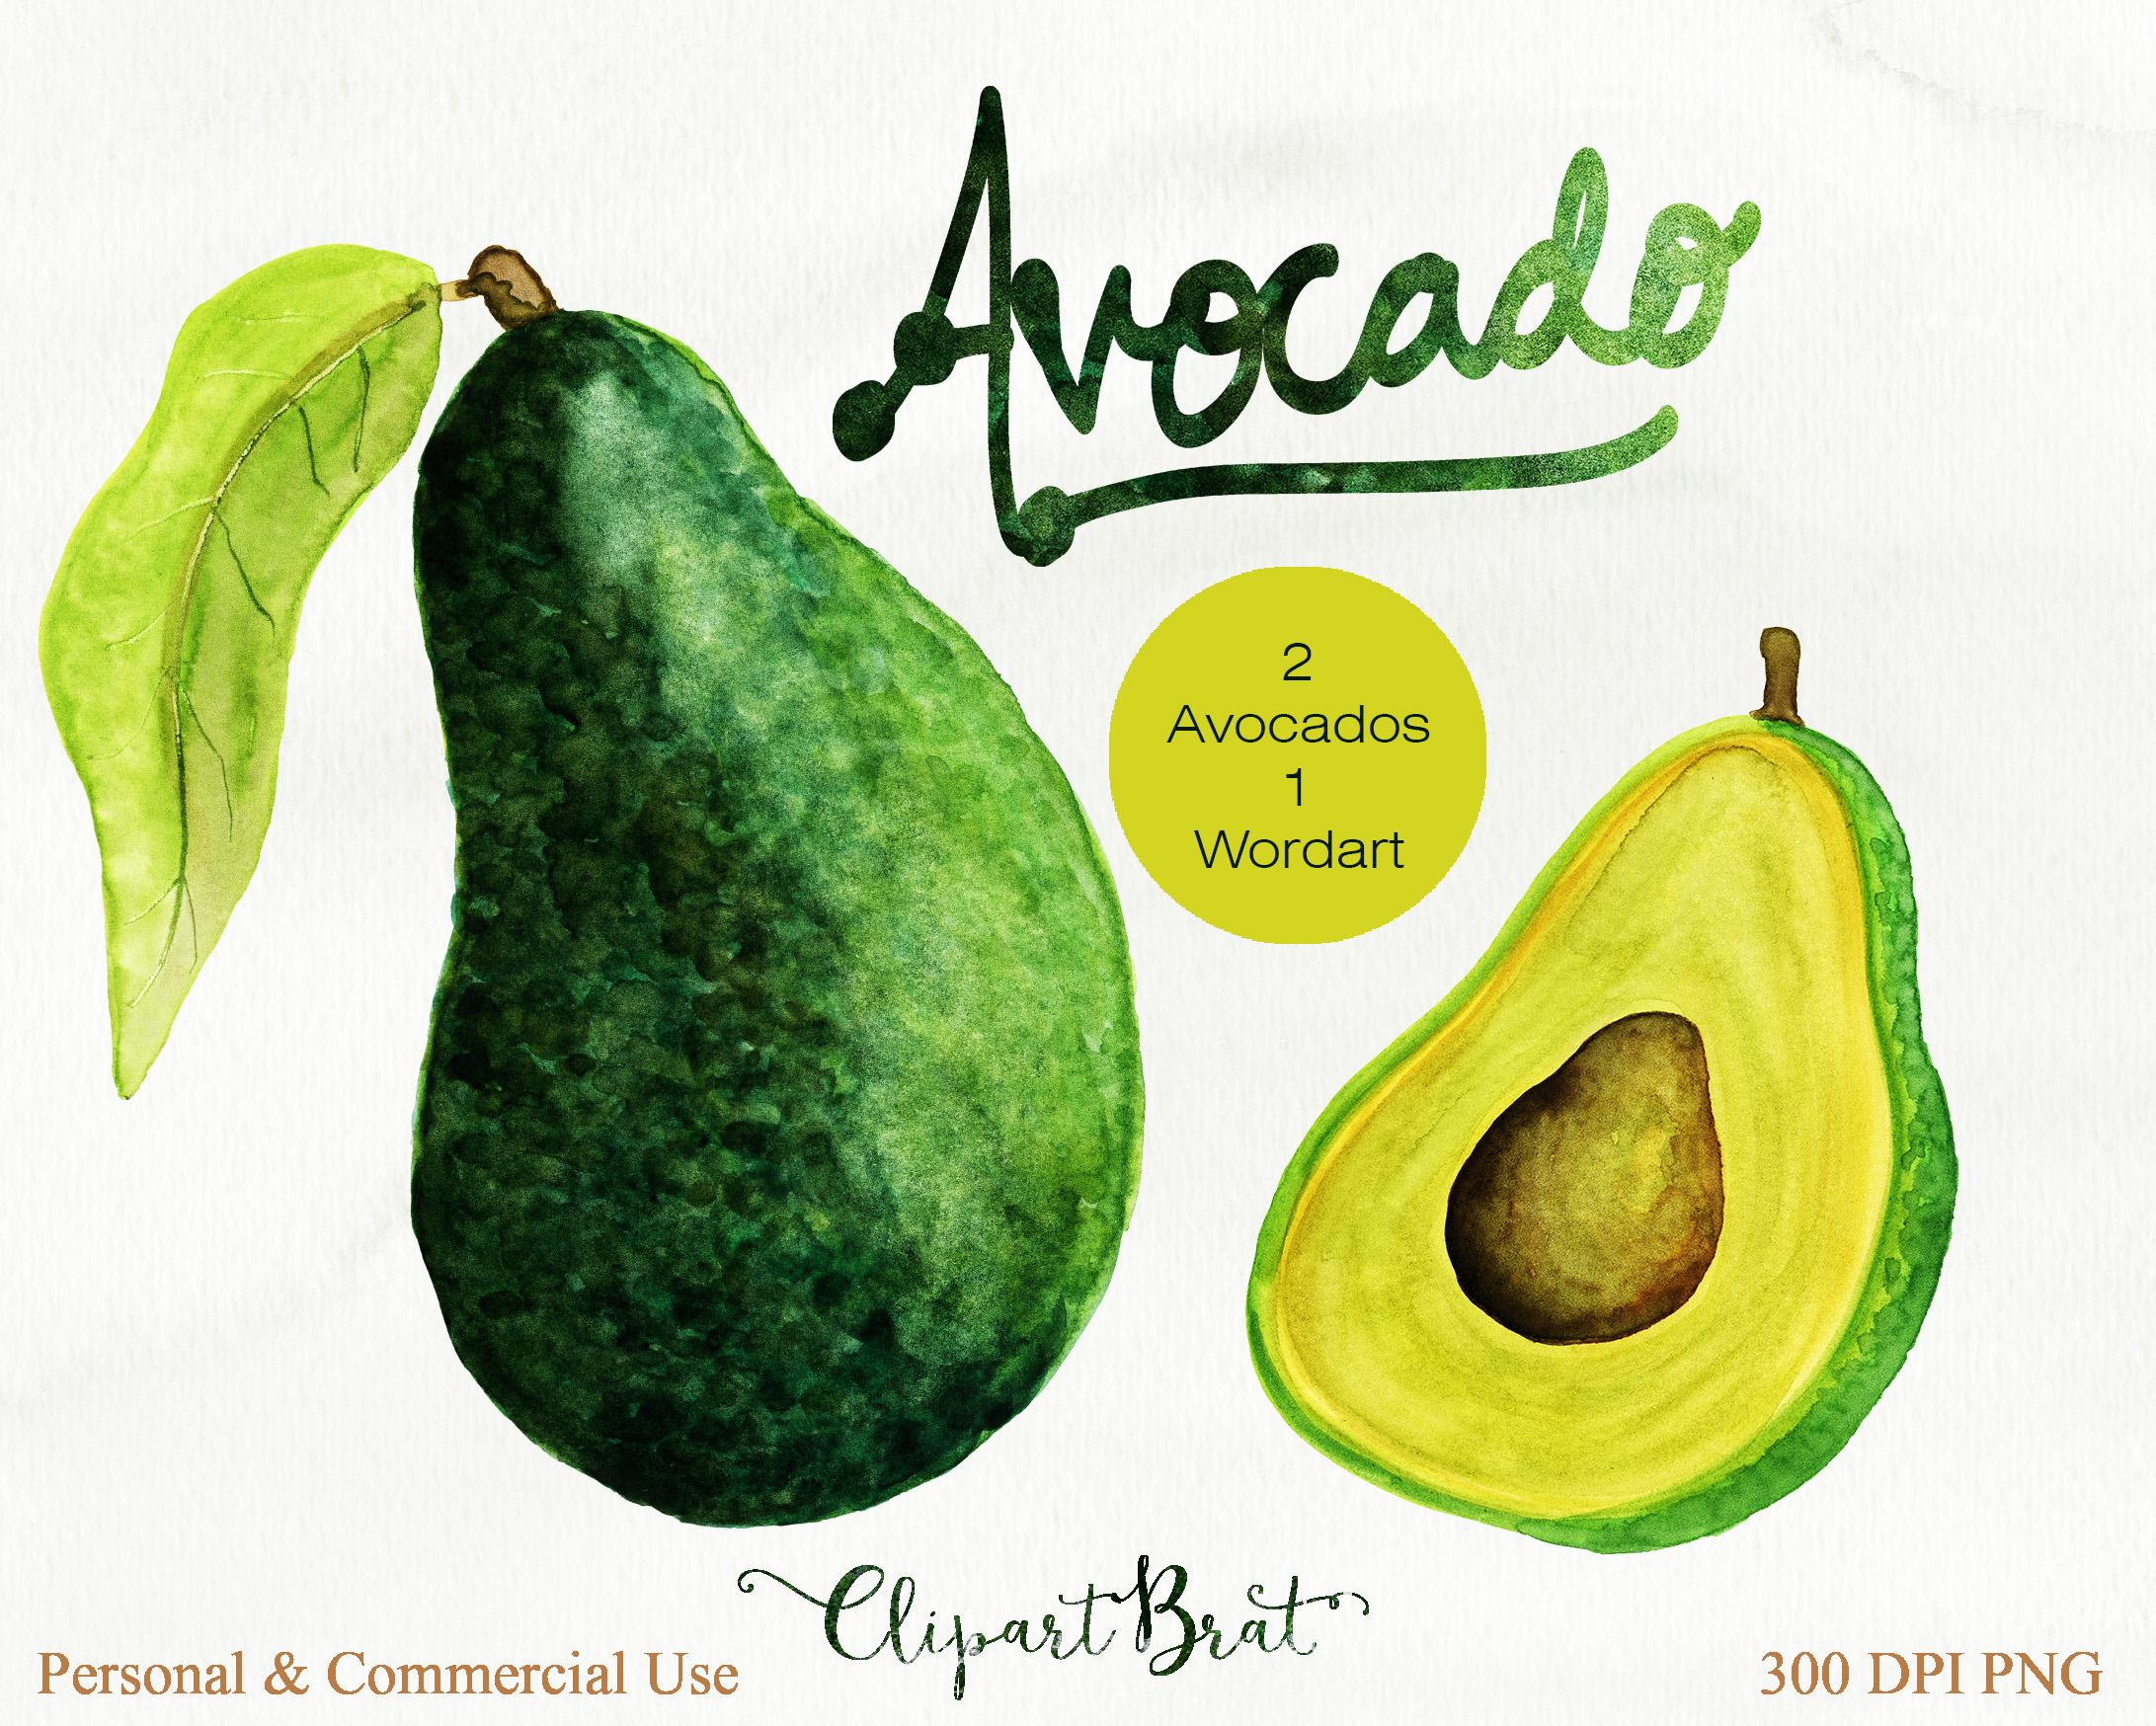 Watercolor avacado vege design. Avocado clipart advocado